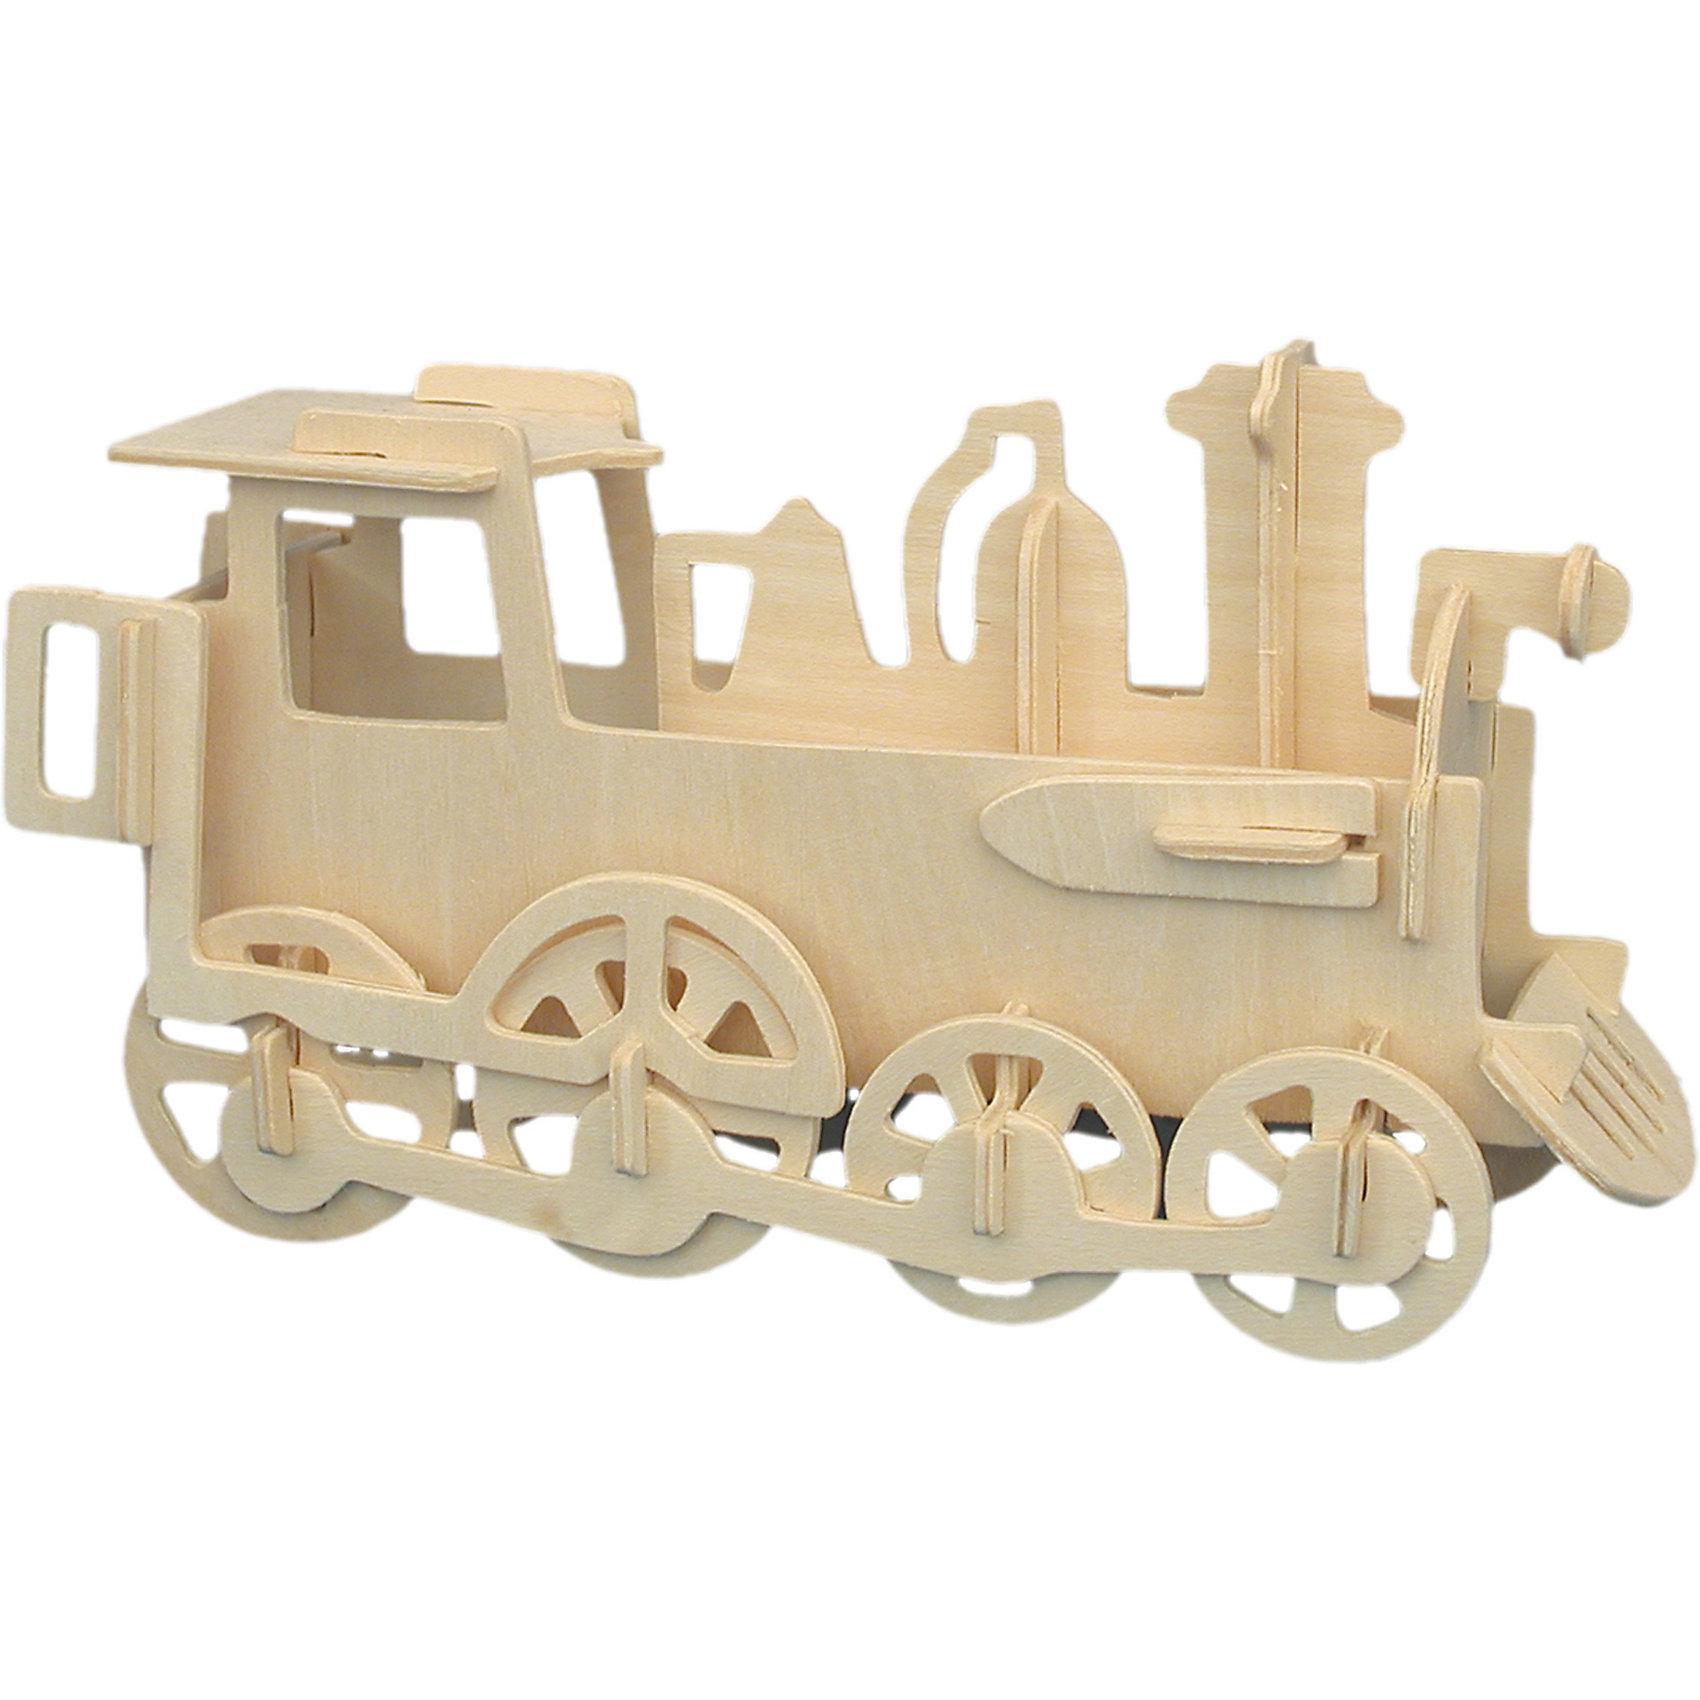 Паровоз, Мир деревянных игрушекДеревянные модели<br>Отличный вариант подарка для любящего технику творческого ребенка - этот набор, из которого можно самому сделать красивую деревянную фигуру! Для этого нужно выдавить из пластины с деталями элементы для сборки и соединить их. Из наборов получаются красивые очень реалистичные игрушки, которые могут стать украшением комнаты.<br>Собирая их, ребенок будет развивать пространственное мышление, память и мелкую моторику. А раскрашивая готовое произведение, дети научатся подбирать цвета и будут развивать художественные навыки. Этот набор произведен из качественных и безопасных для детей материалов - дерево тщательно обработано.<br><br>Дополнительная информация:<br><br>материал: дерево;<br>цвет: бежевый;<br>элементы: пластины с деталями для сборки, схема сборки;<br>размер упаковки: 23 х 18 см.<br><br>3D-пазл Паровоз от бренда Мир деревянных игрушек можно купить в нашем магазине.<br><br>Ширина мм: 225<br>Глубина мм: 30<br>Высота мм: 180<br>Вес г: 450<br>Возраст от месяцев: 36<br>Возраст до месяцев: 144<br>Пол: Унисекс<br>Возраст: Детский<br>SKU: 4969090